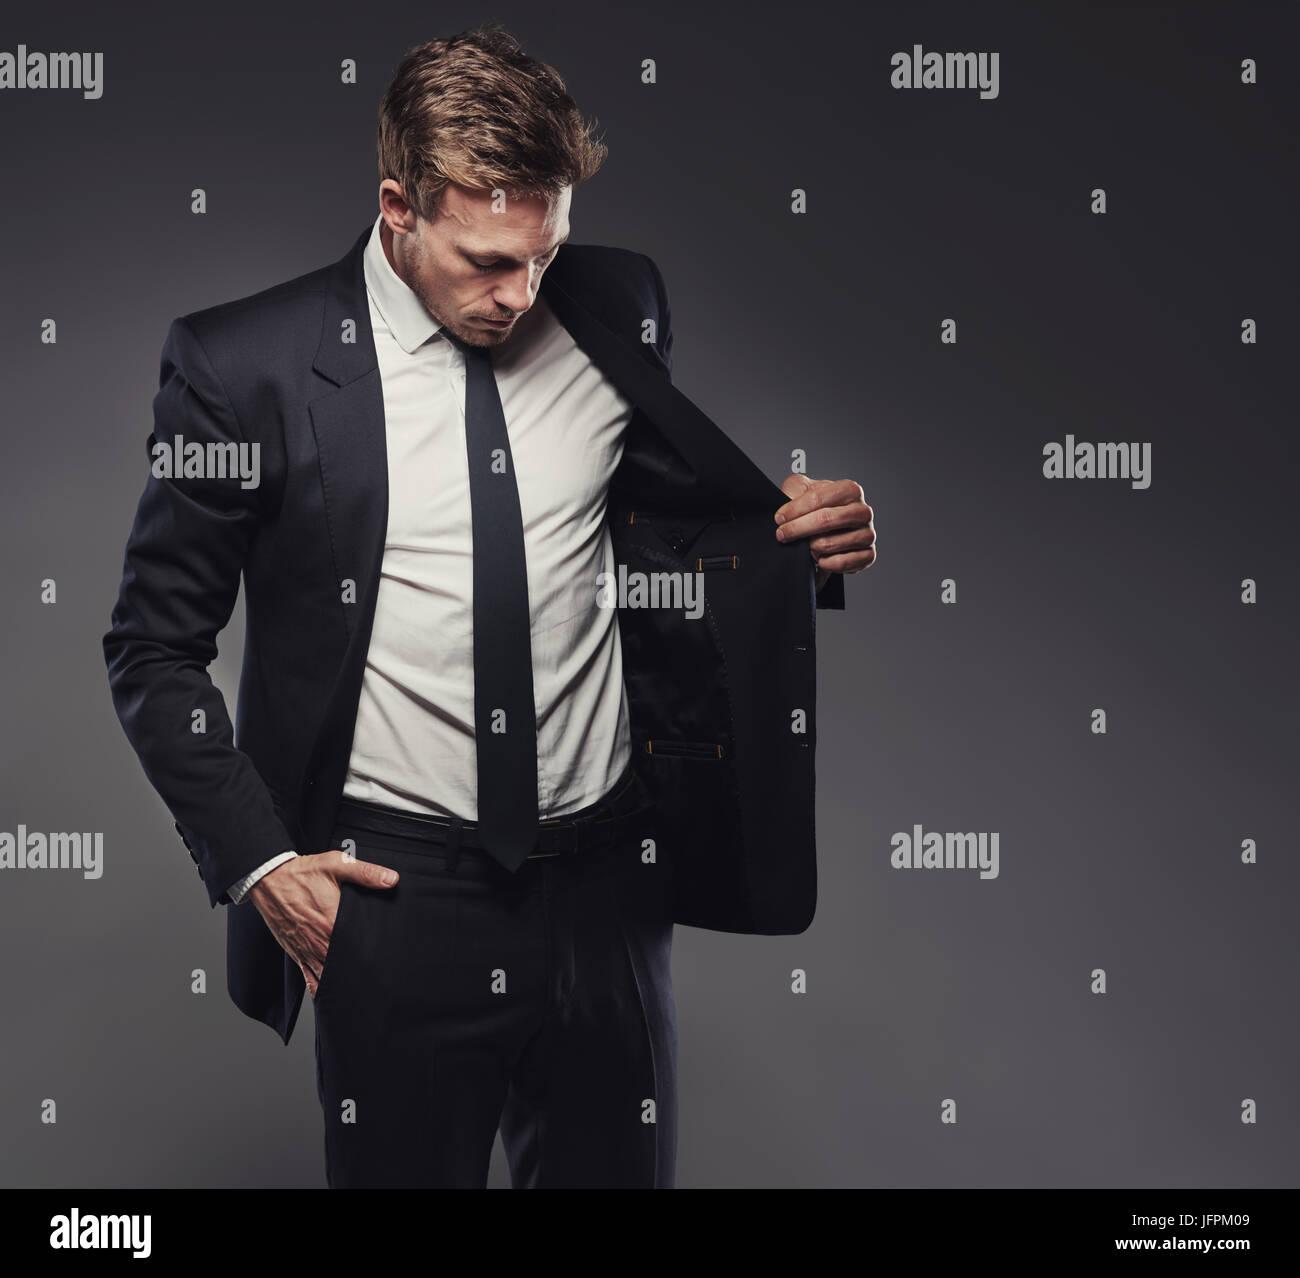 Suave joven empresario de desprotección de la chaqueta de un elegante traje negro de pie solo en un estudio Imagen De Stock